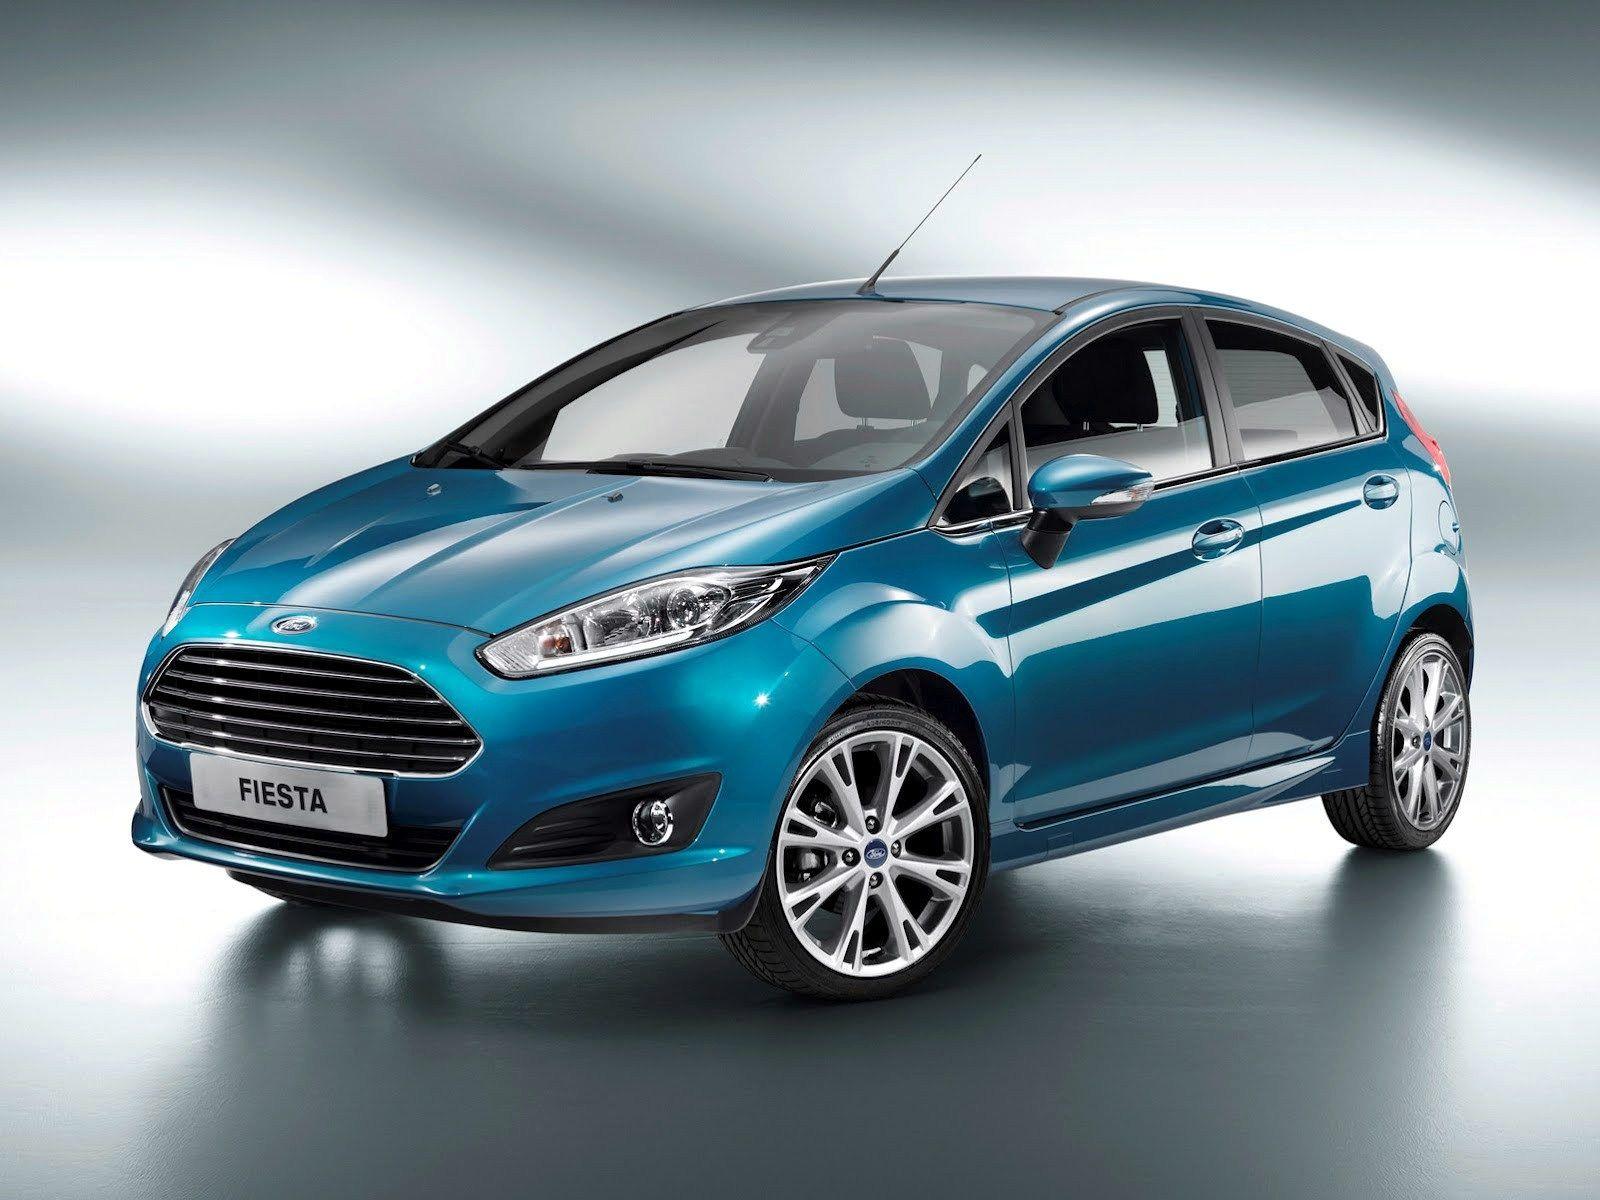 2018 Ford Fiesta Model Concept Design Price